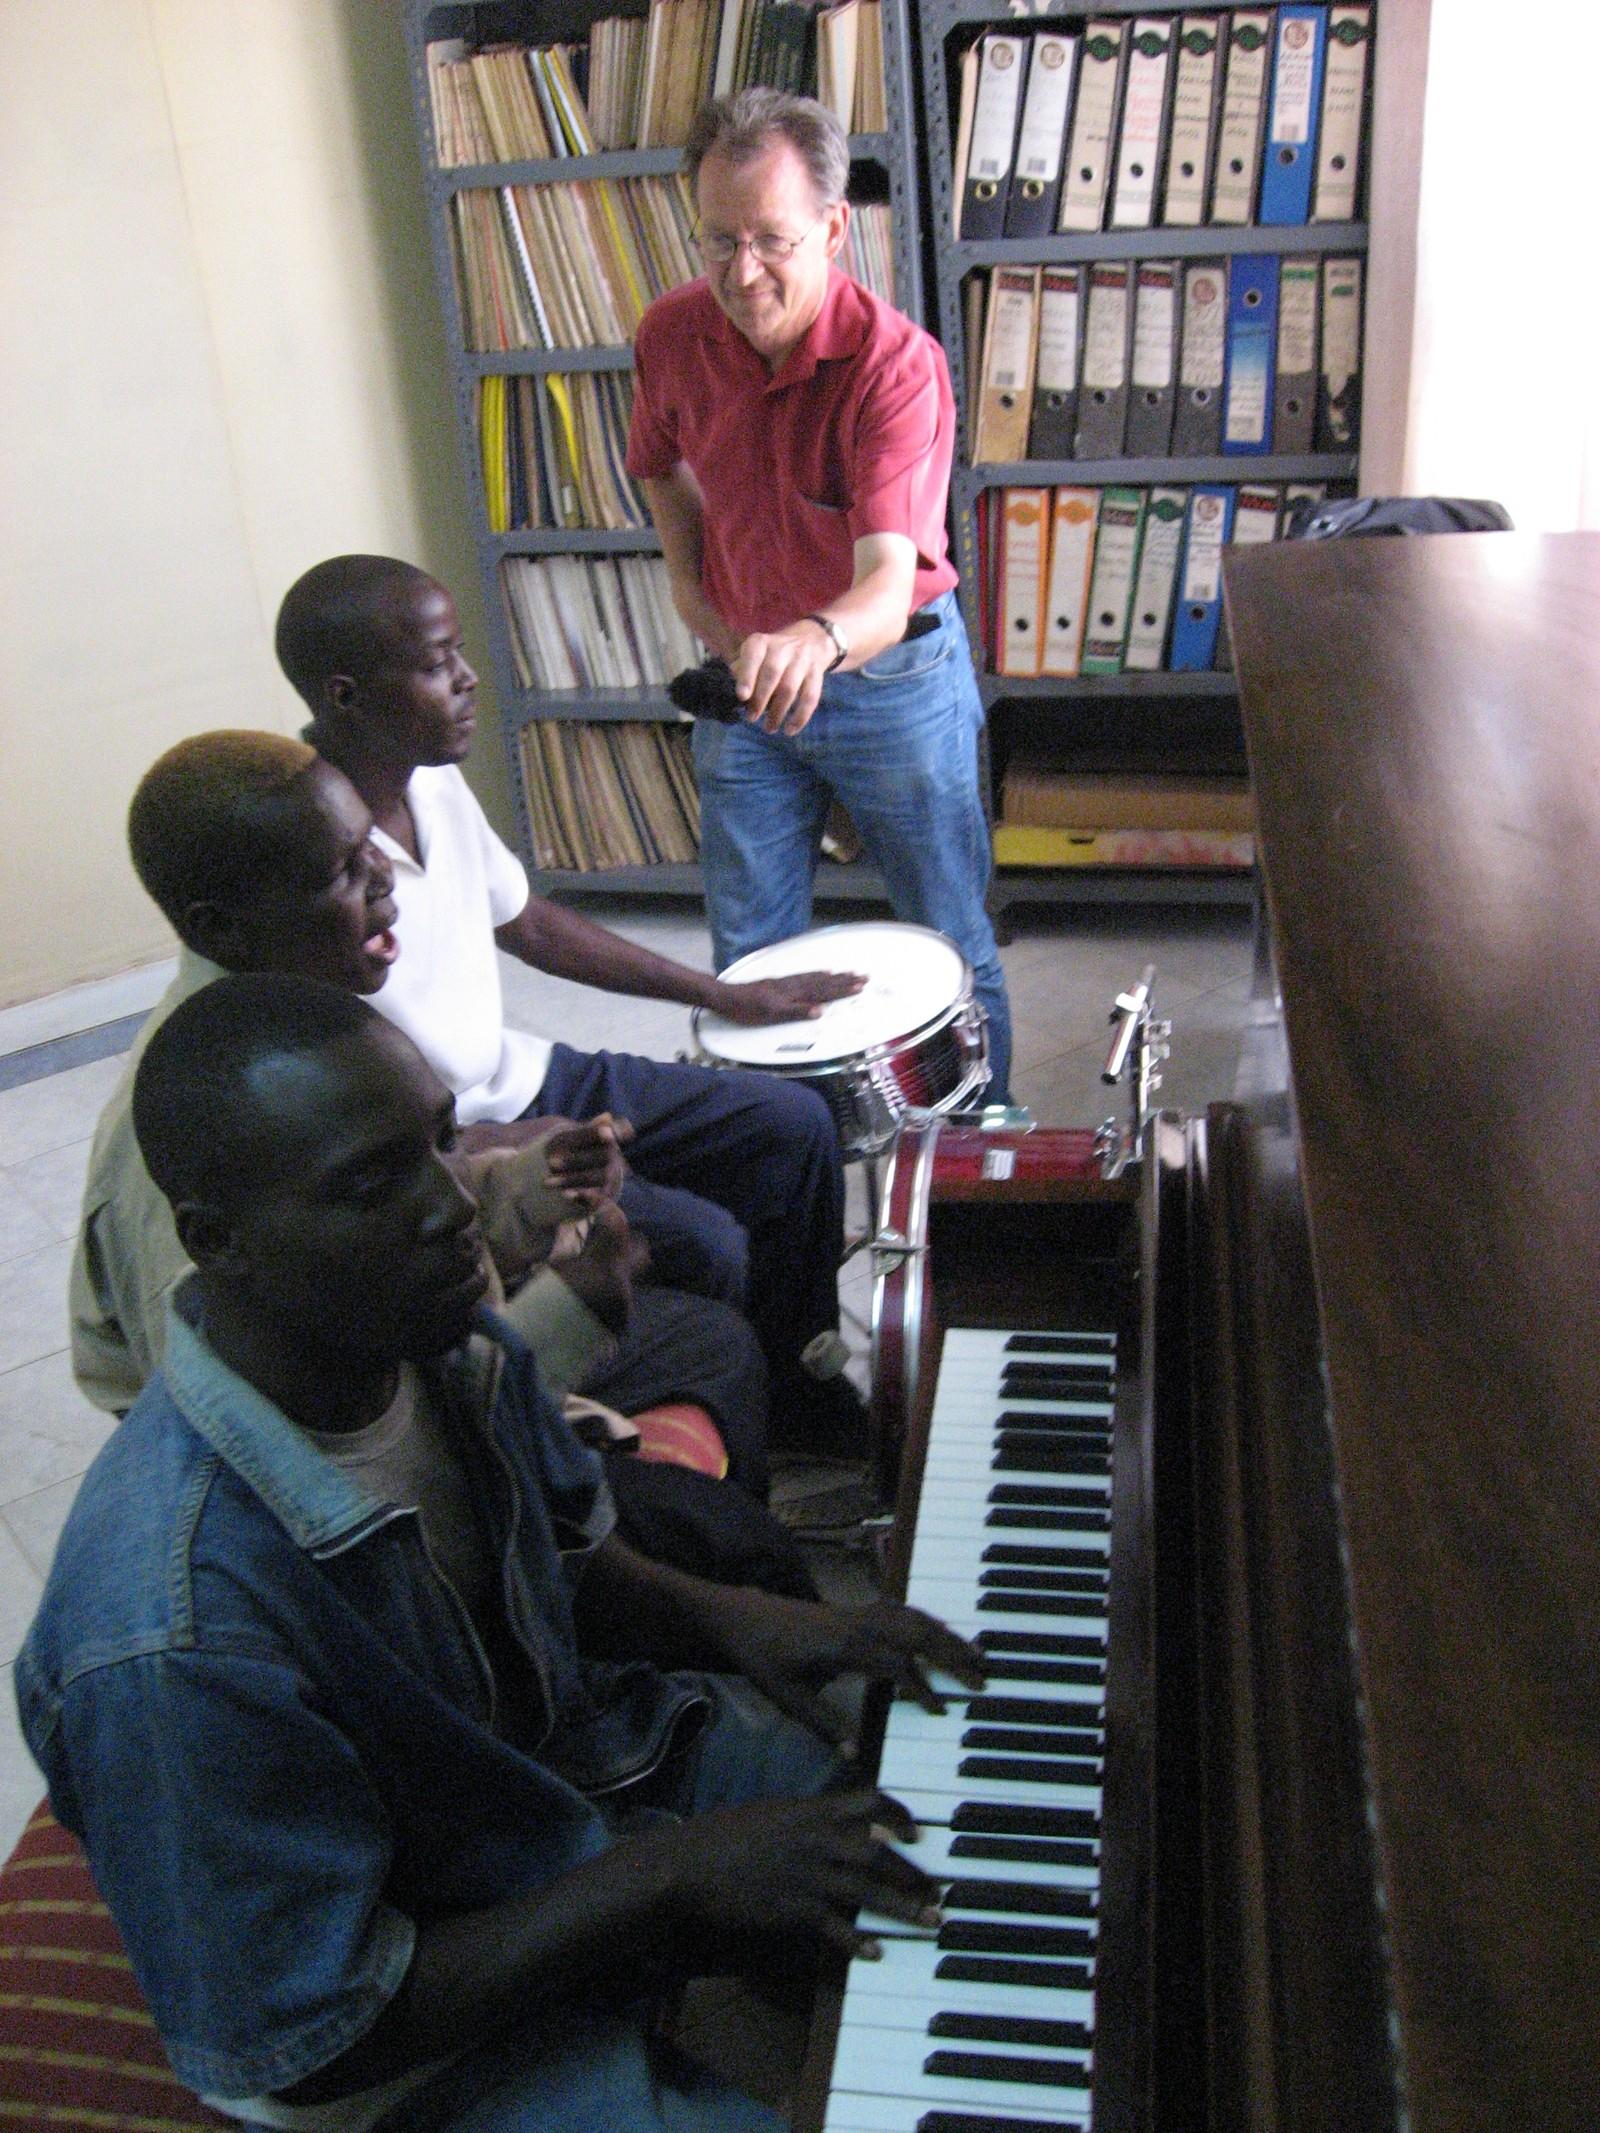 Nedland gjør opptak av artisten Olith Ratego på musikkkonservatoriet i Nairobi, Kenya.